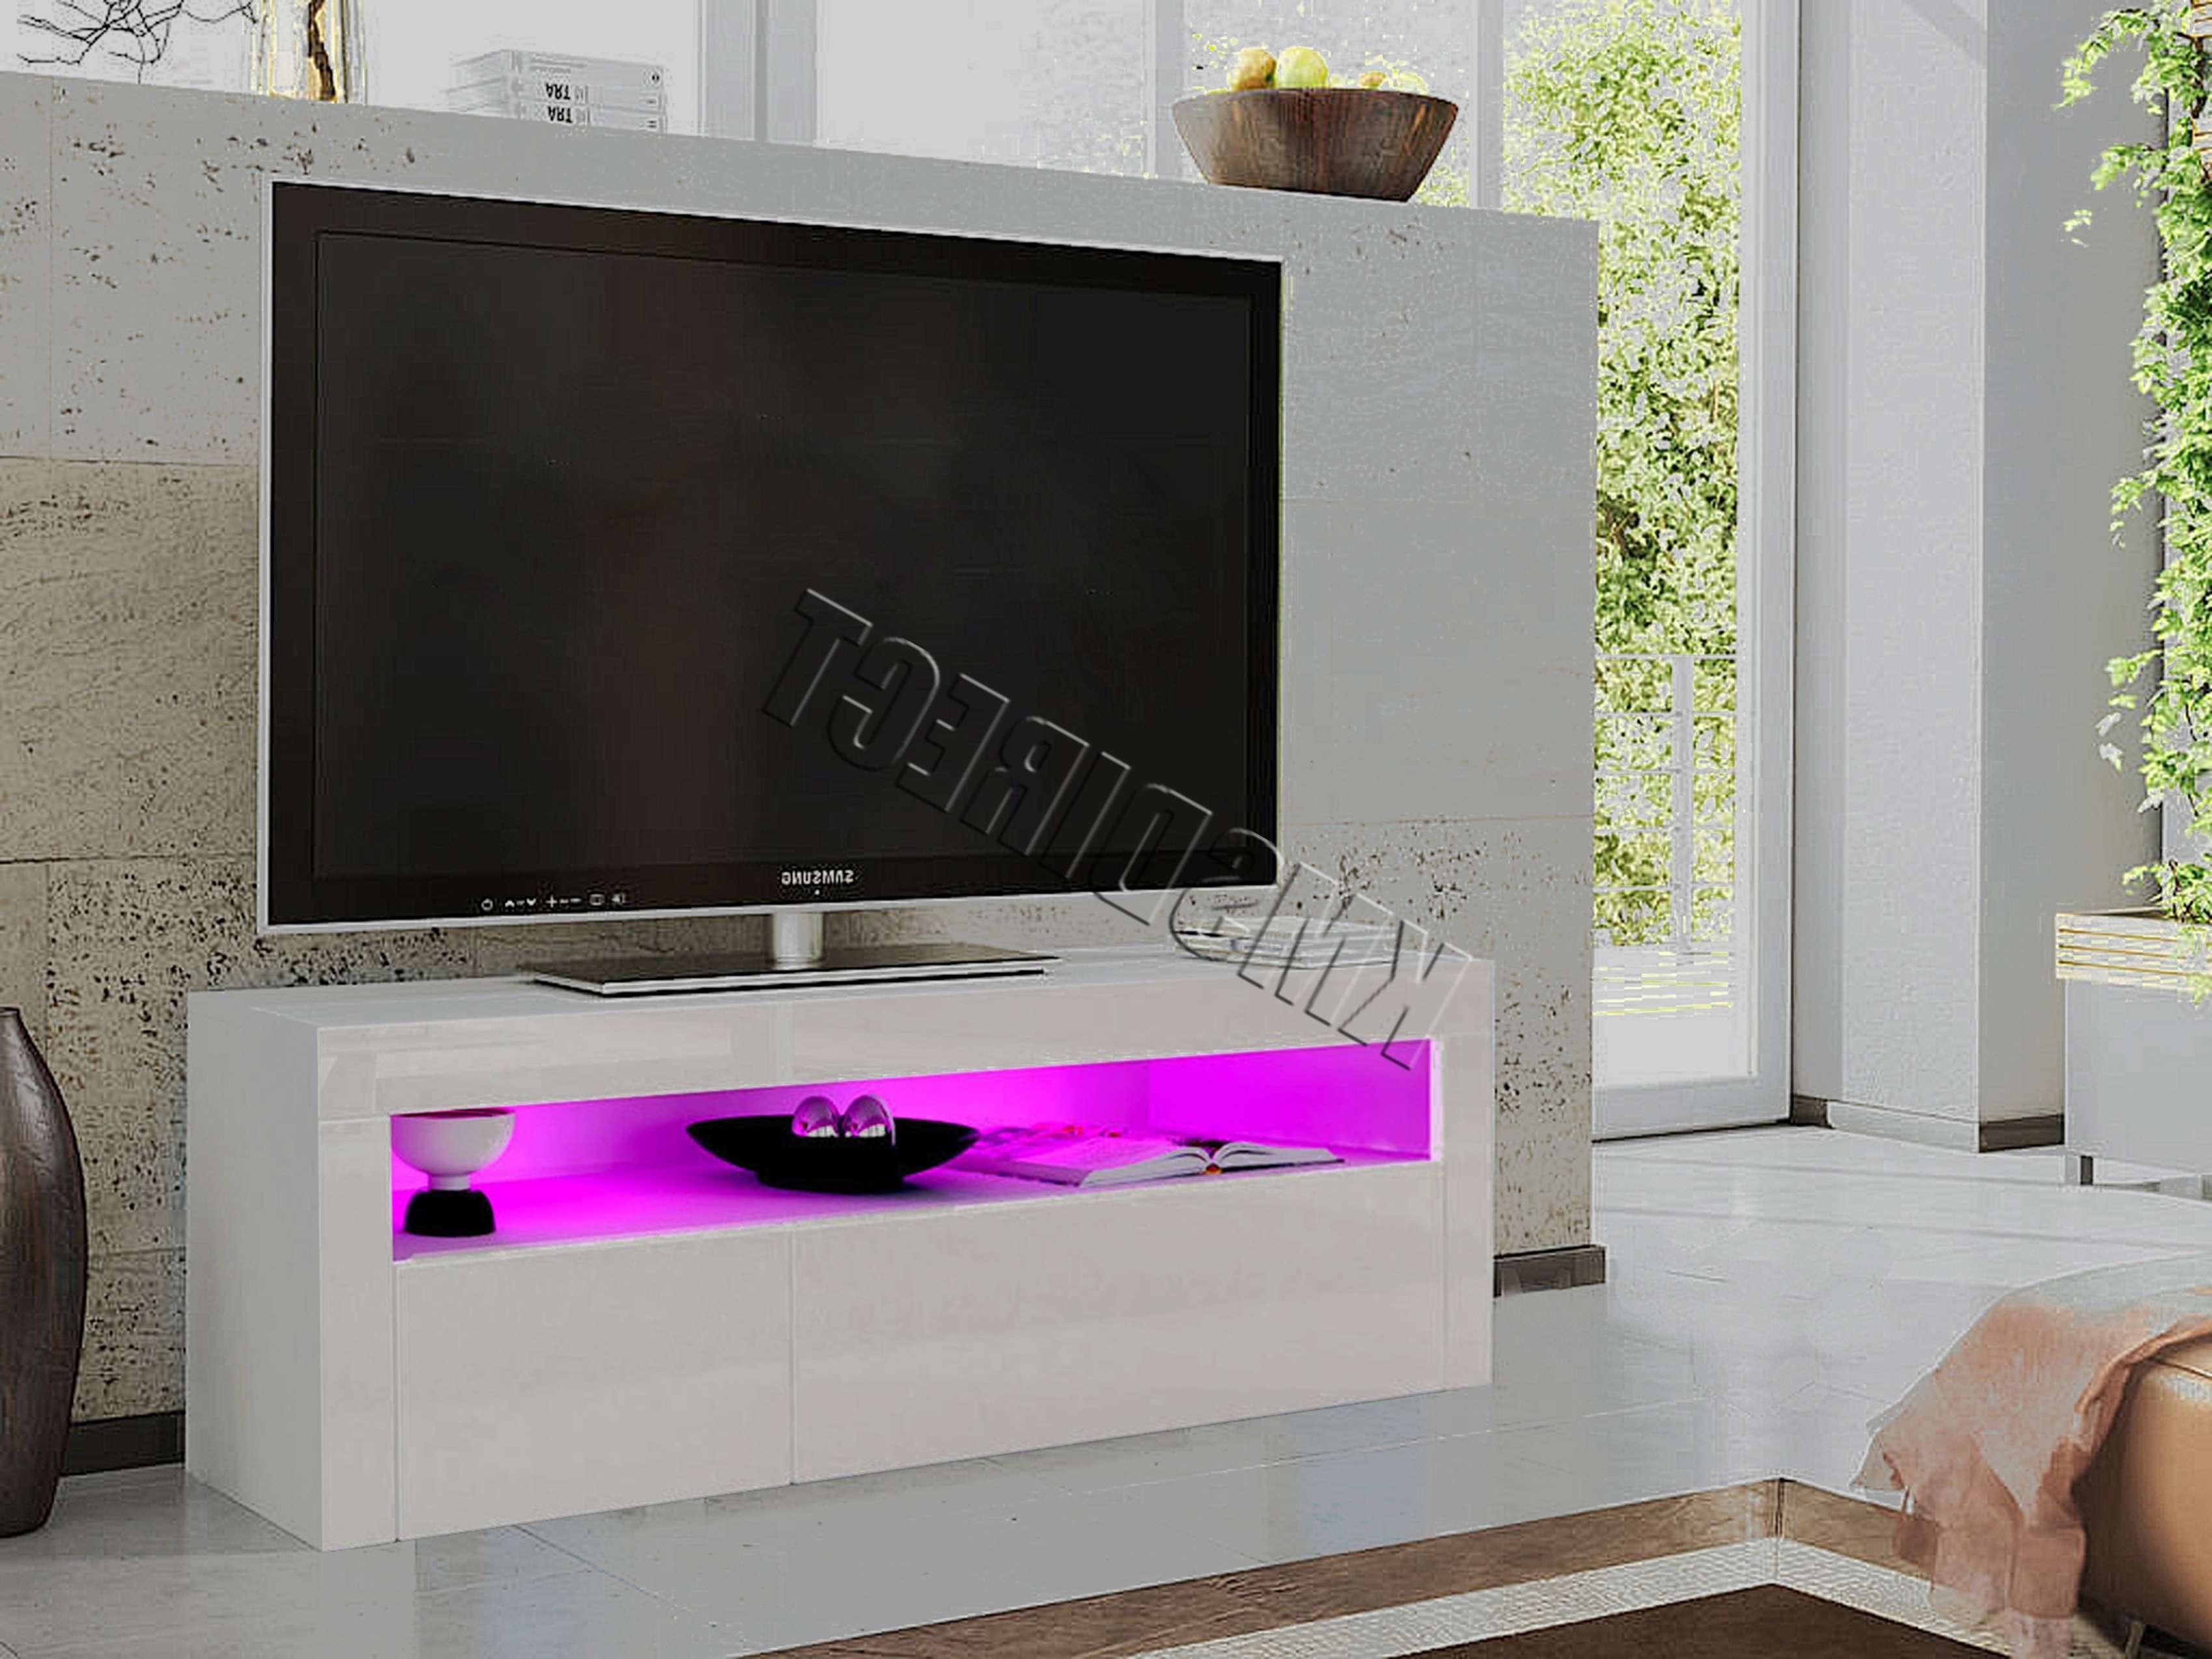 Foxhunter Modern High Gloss Matt Tv Cabinet Unit Stand White Rgb Inside Gloss Tv Stands (View 10 of 15)